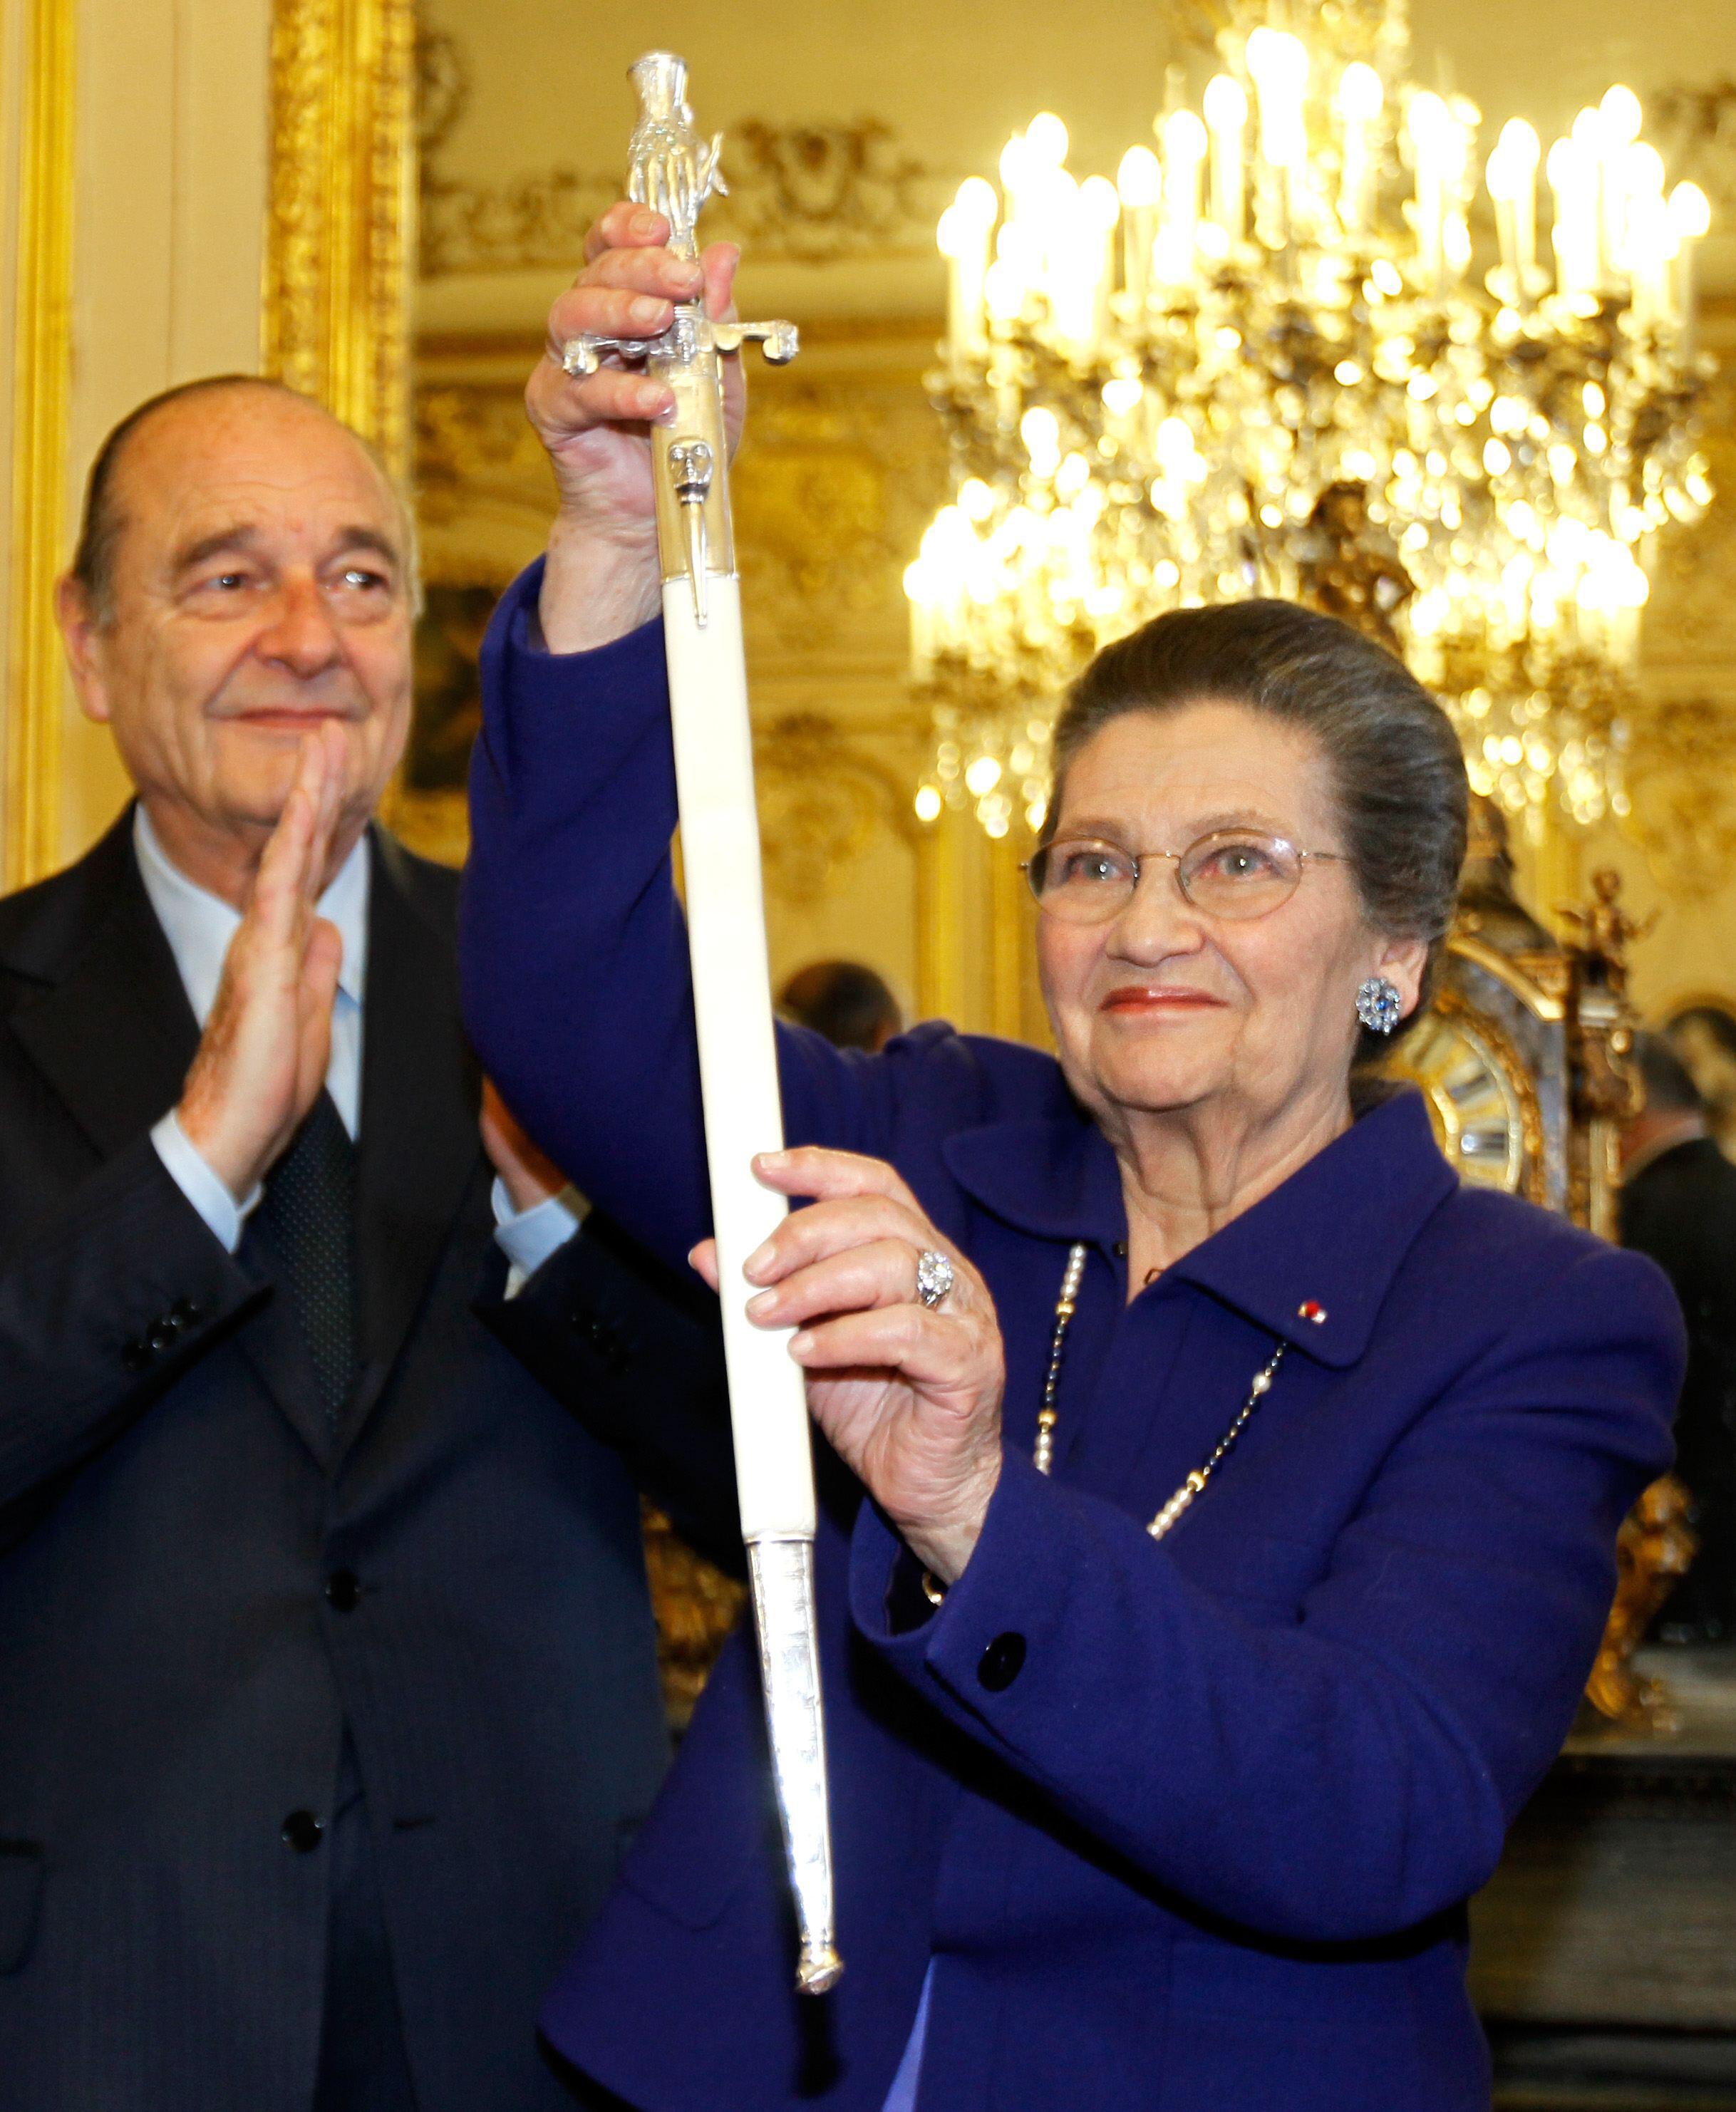 Simone Veil avec Jacques Chirac, lors de son entrée à l'Académie Française.